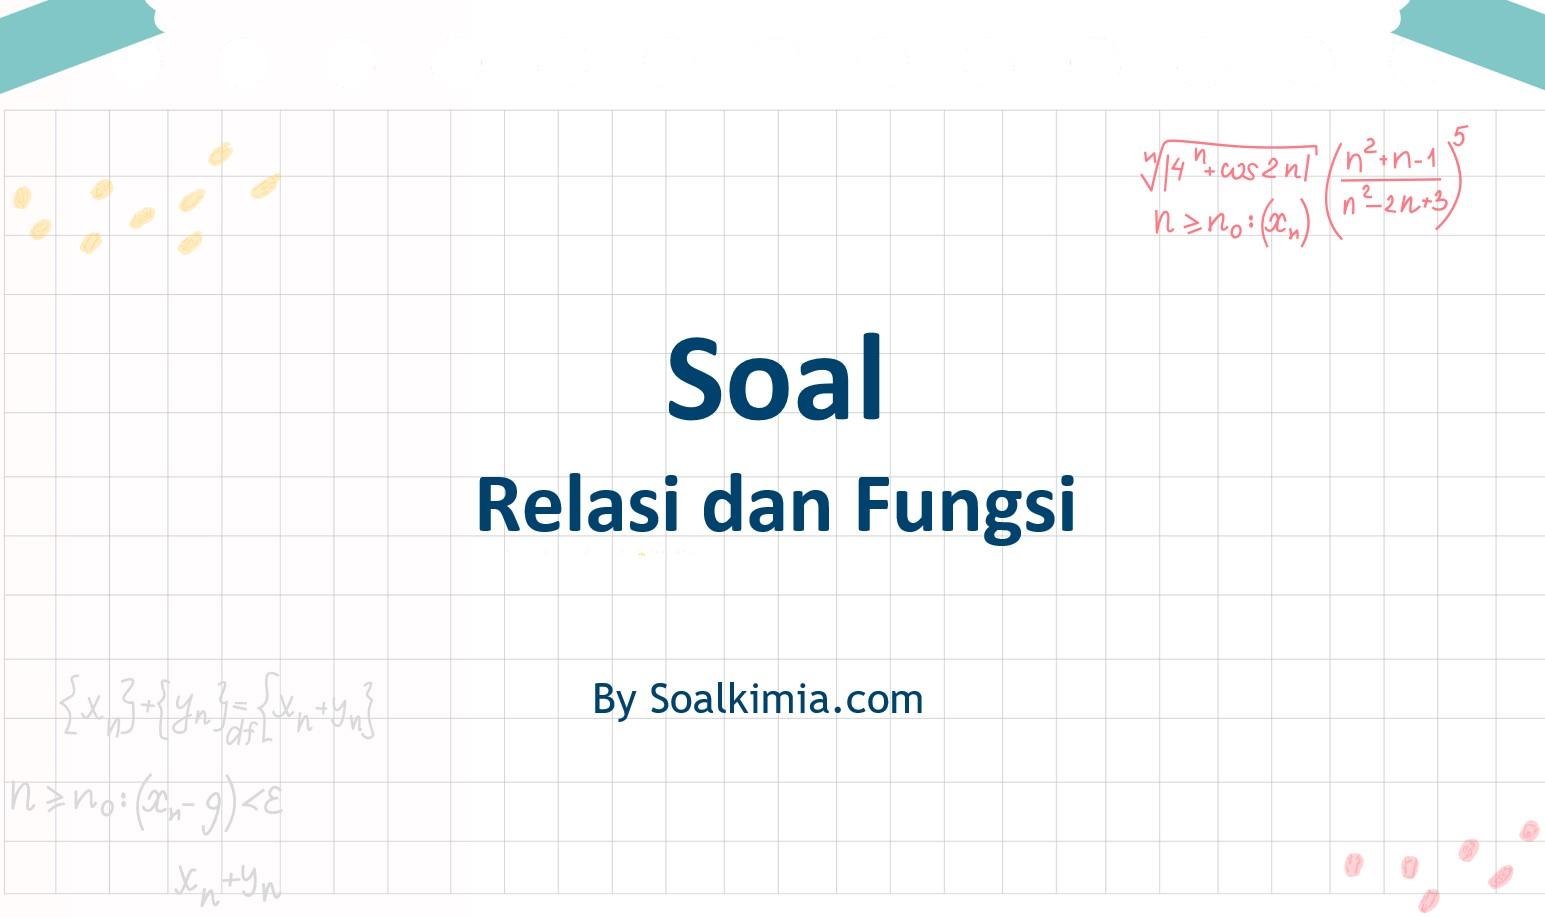 Soal Relasi dan Fungsi